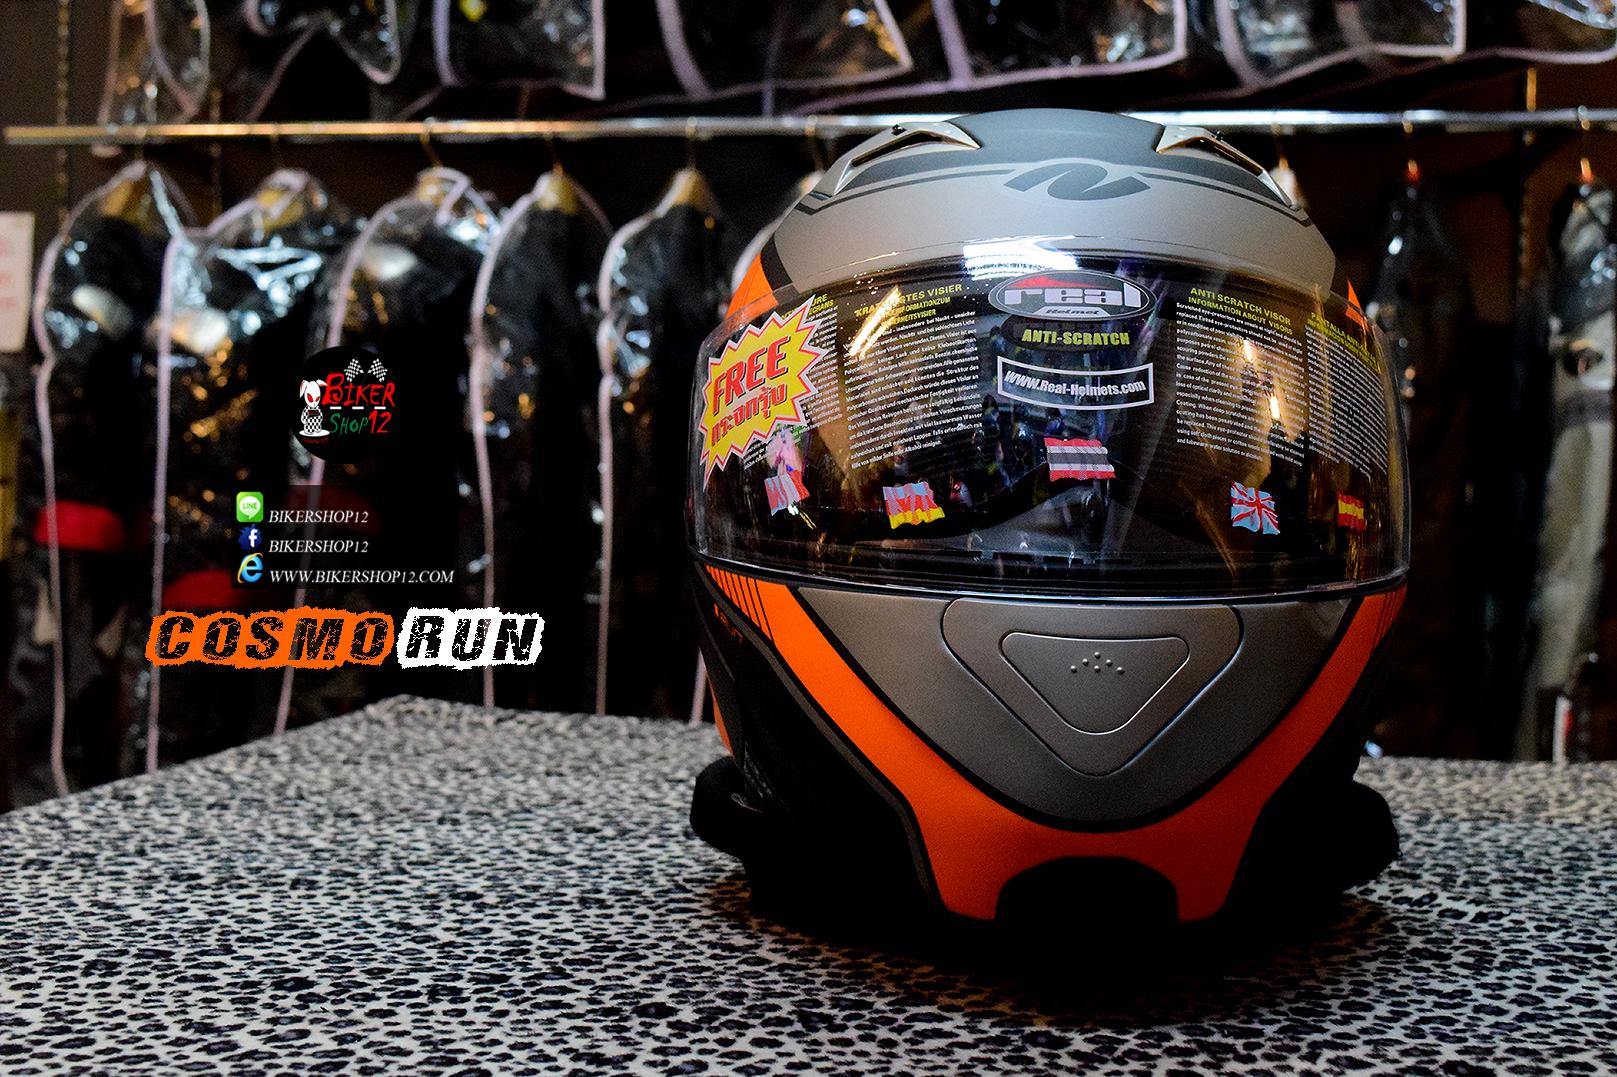 หมวกกันน็อคReal รุ่นCosmo - Run สีส้ม